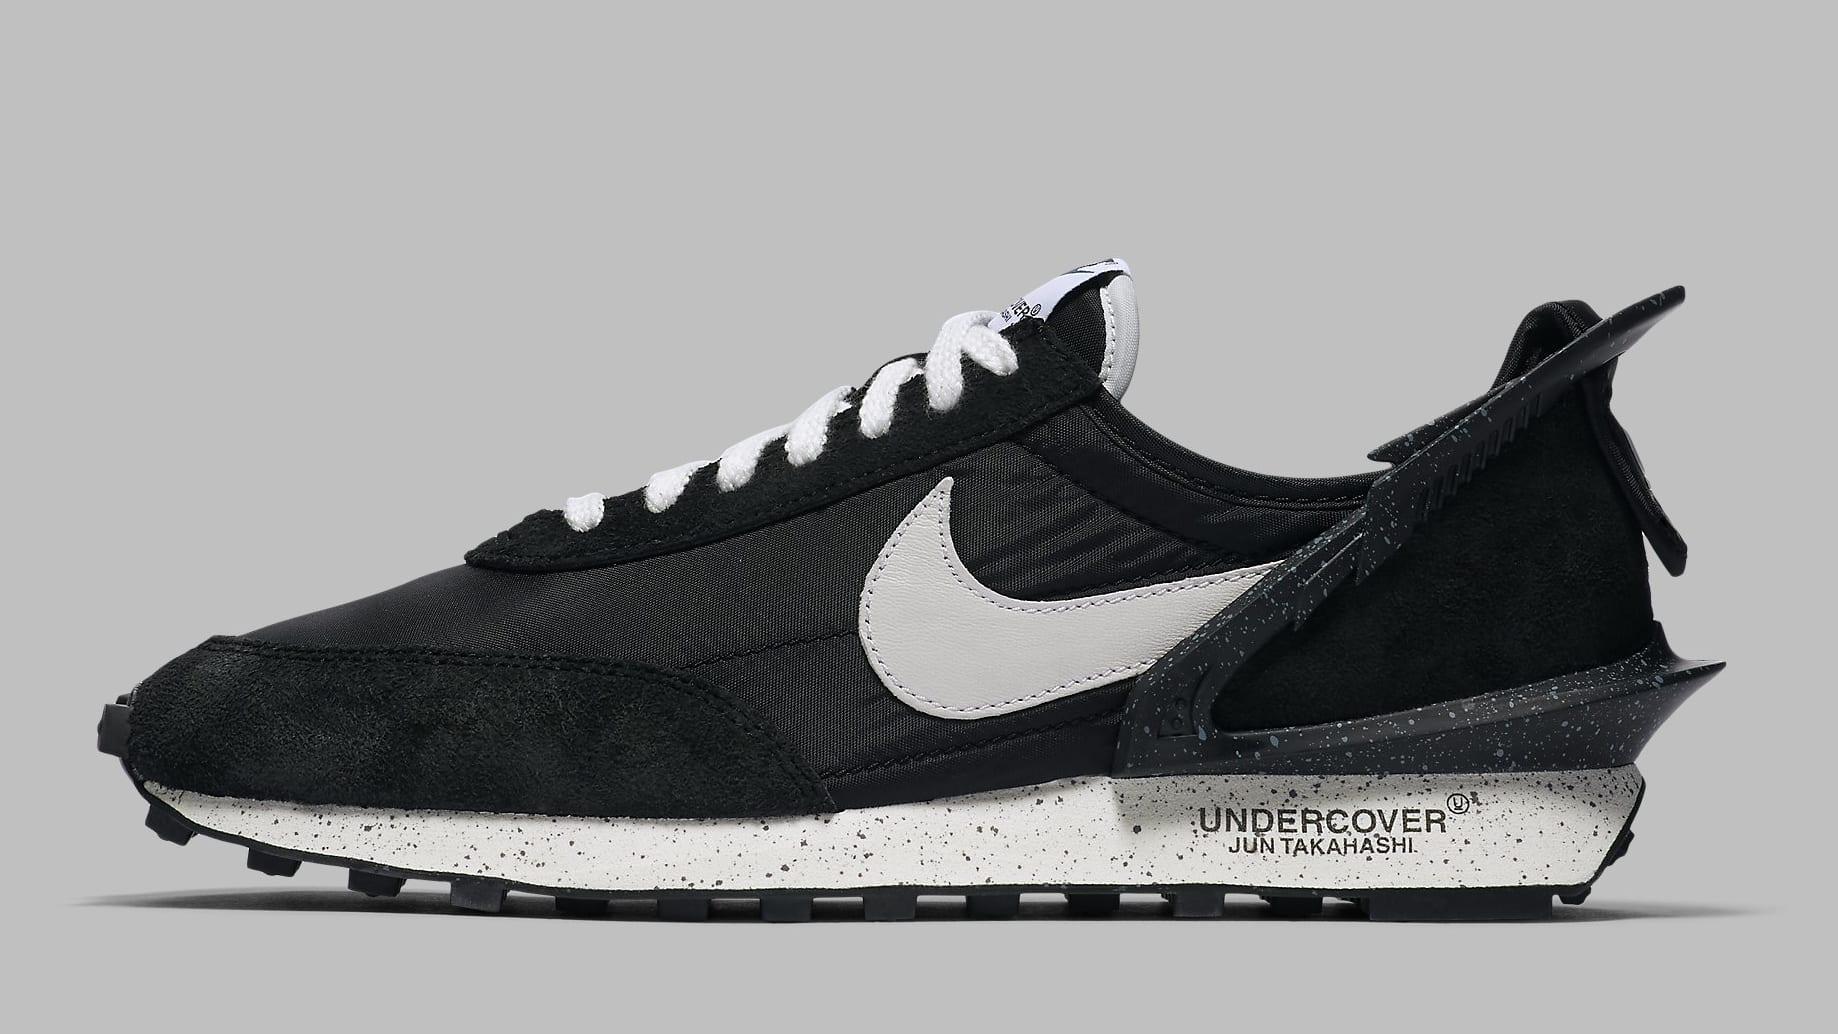 Undercover x Nike Daybreak 'Black' BV4594-001 Lateral